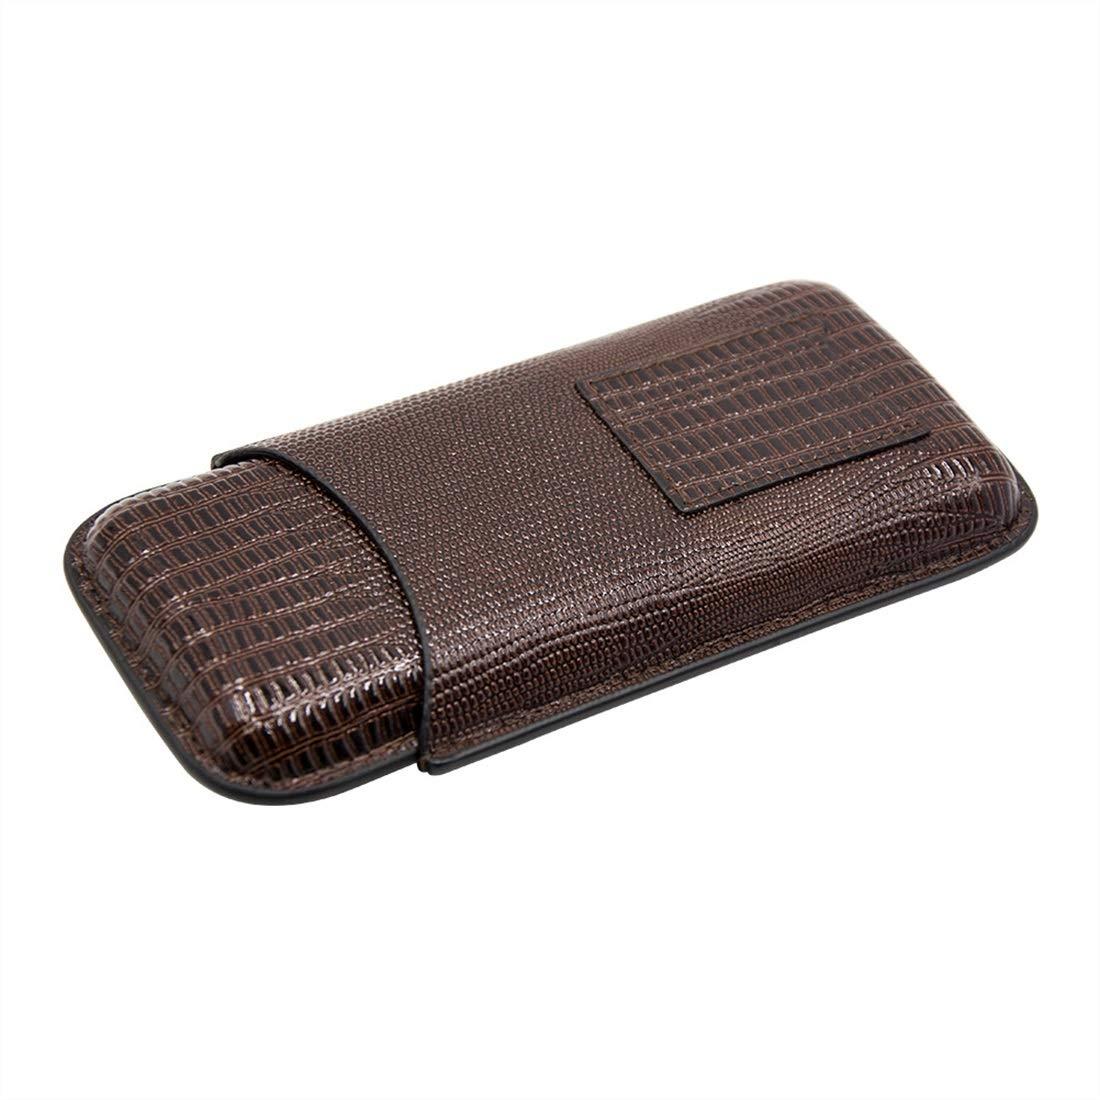 Klerokoh Klerokoh Klerokoh Estuche de Cuero para cigarros de Viaje, humidificador de cigarros para 3 Tubos (marrón) 4650ee